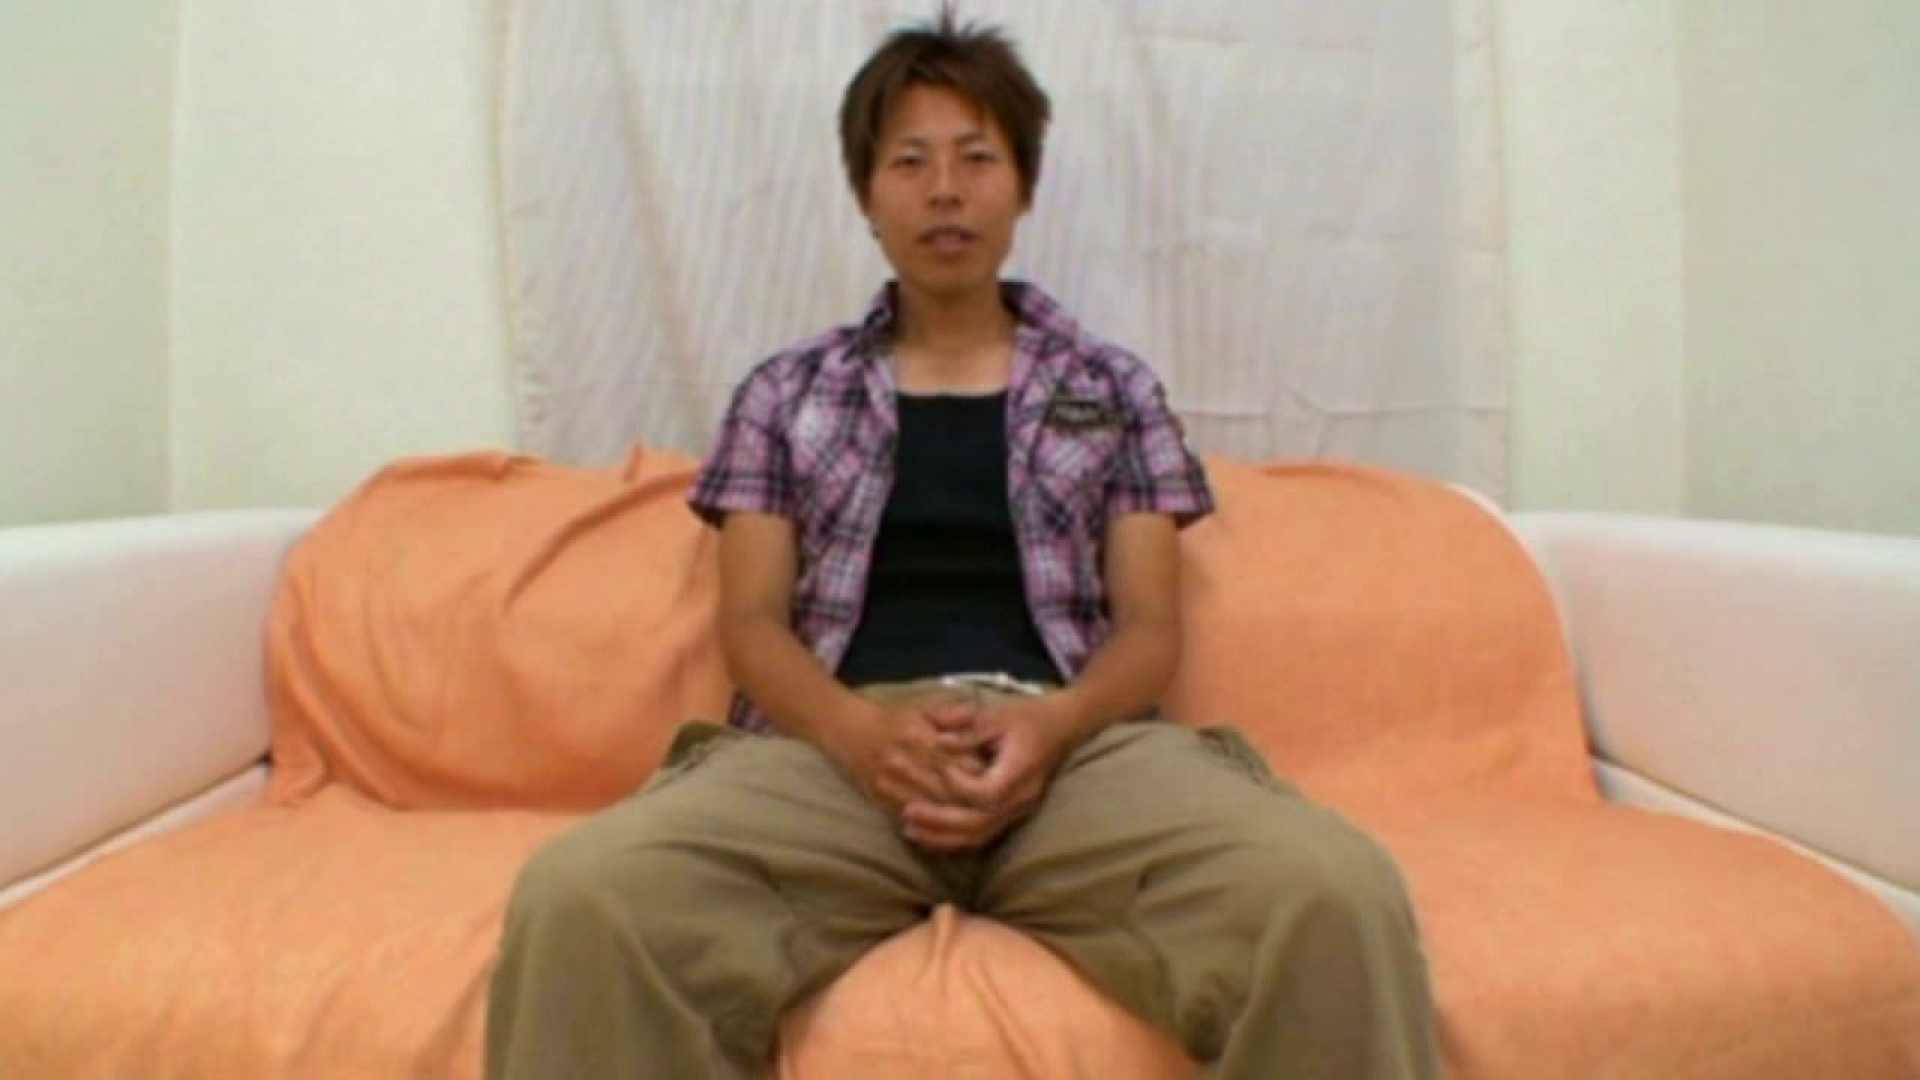 ノンケ!自慰スタジオ No.10 オナニー アダルトビデオ画像キャプチャ 113枚 18